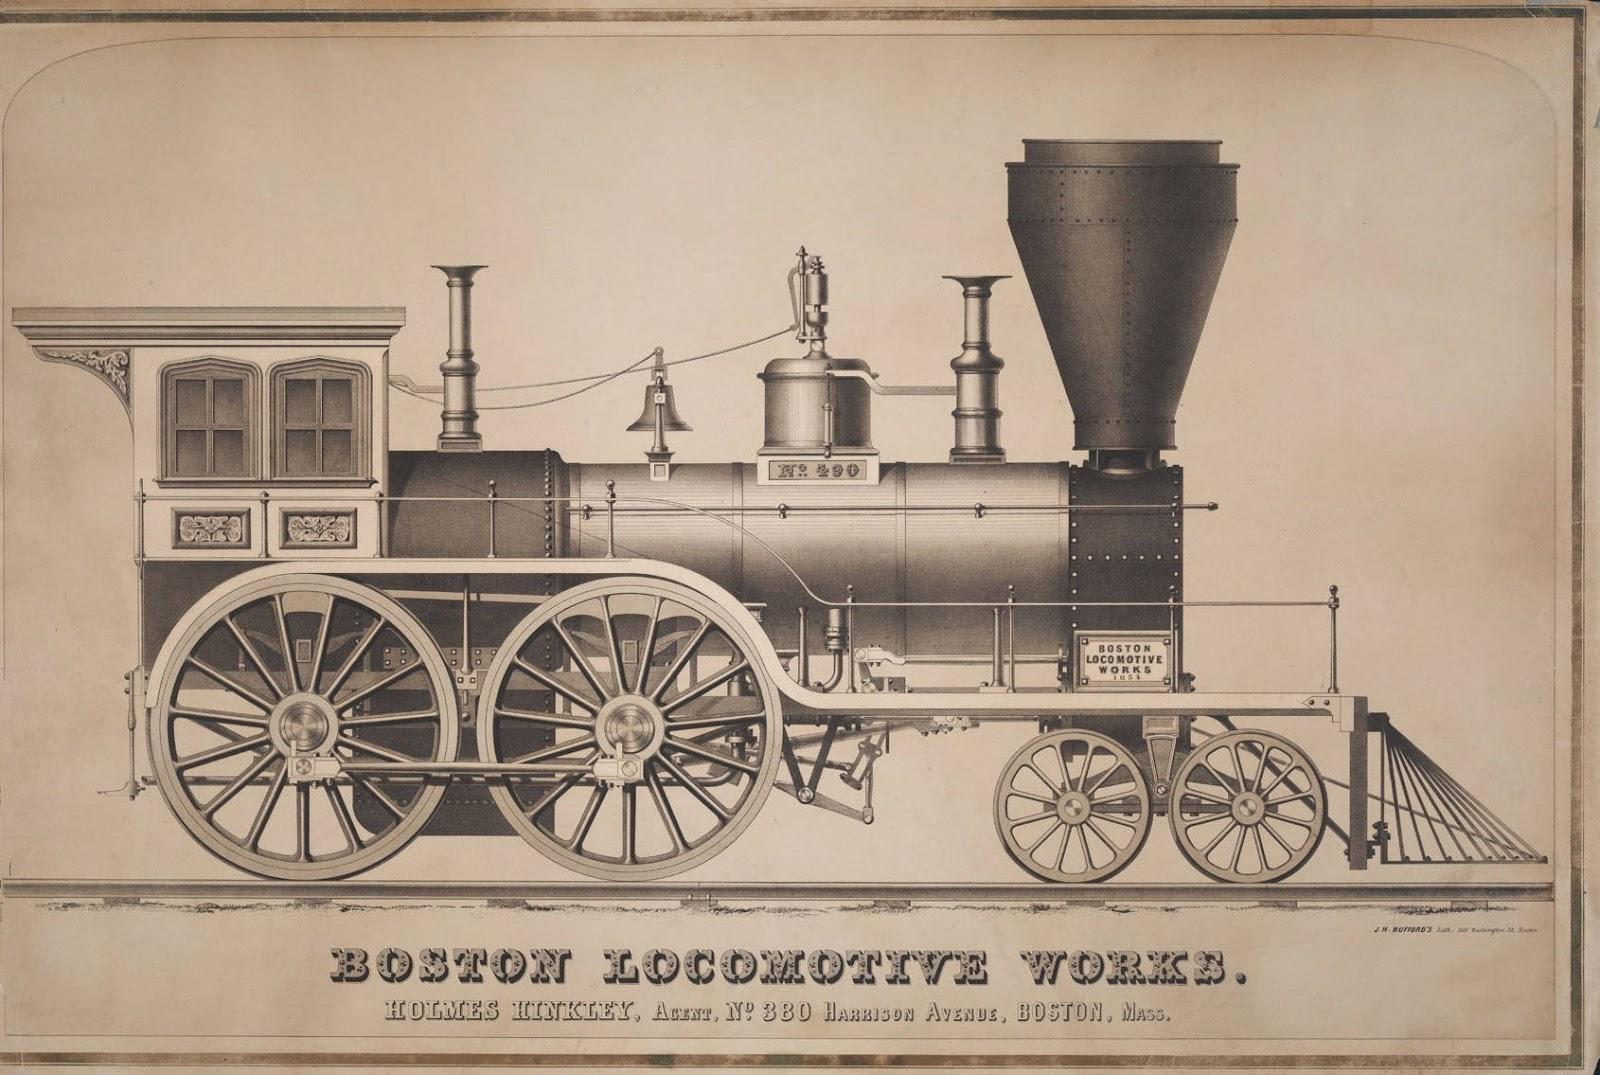 BibliOdyssey: Locomotive Lithographs